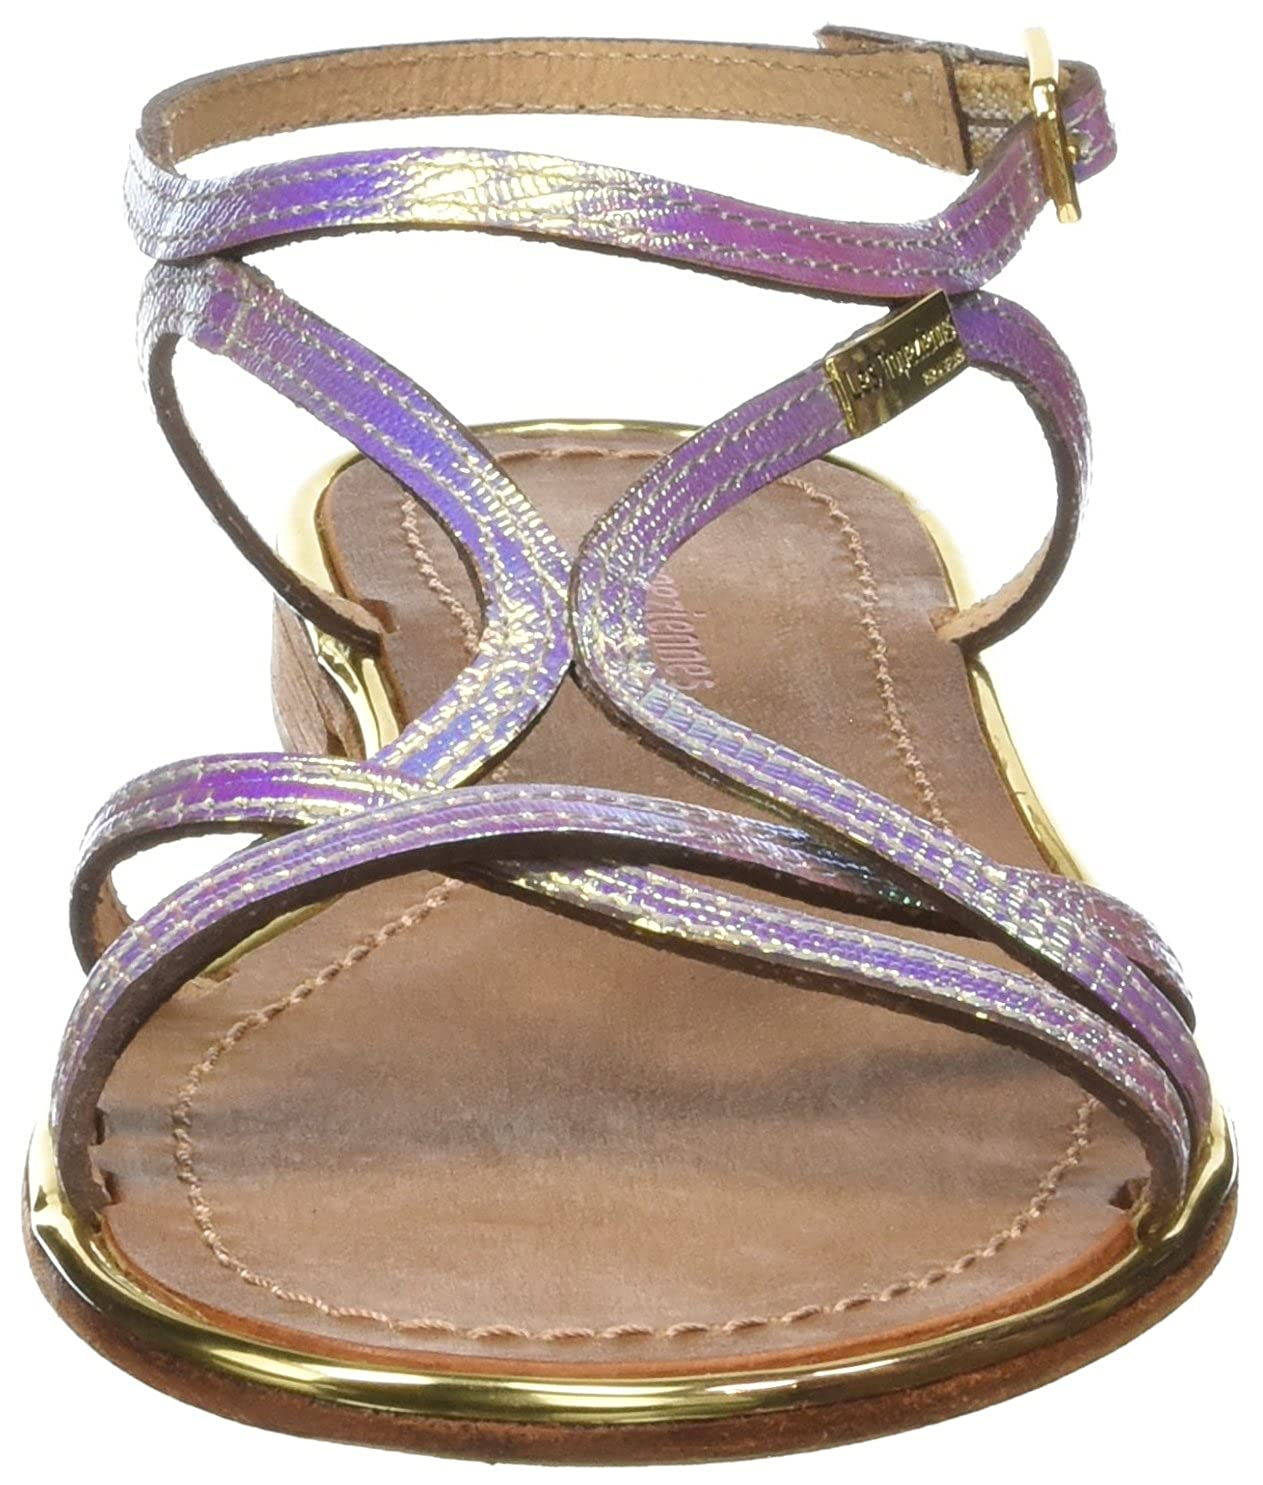 sandales Femme Les Tropéziennes Cheville Menton MBelarbi Par Bride hdsrtQC